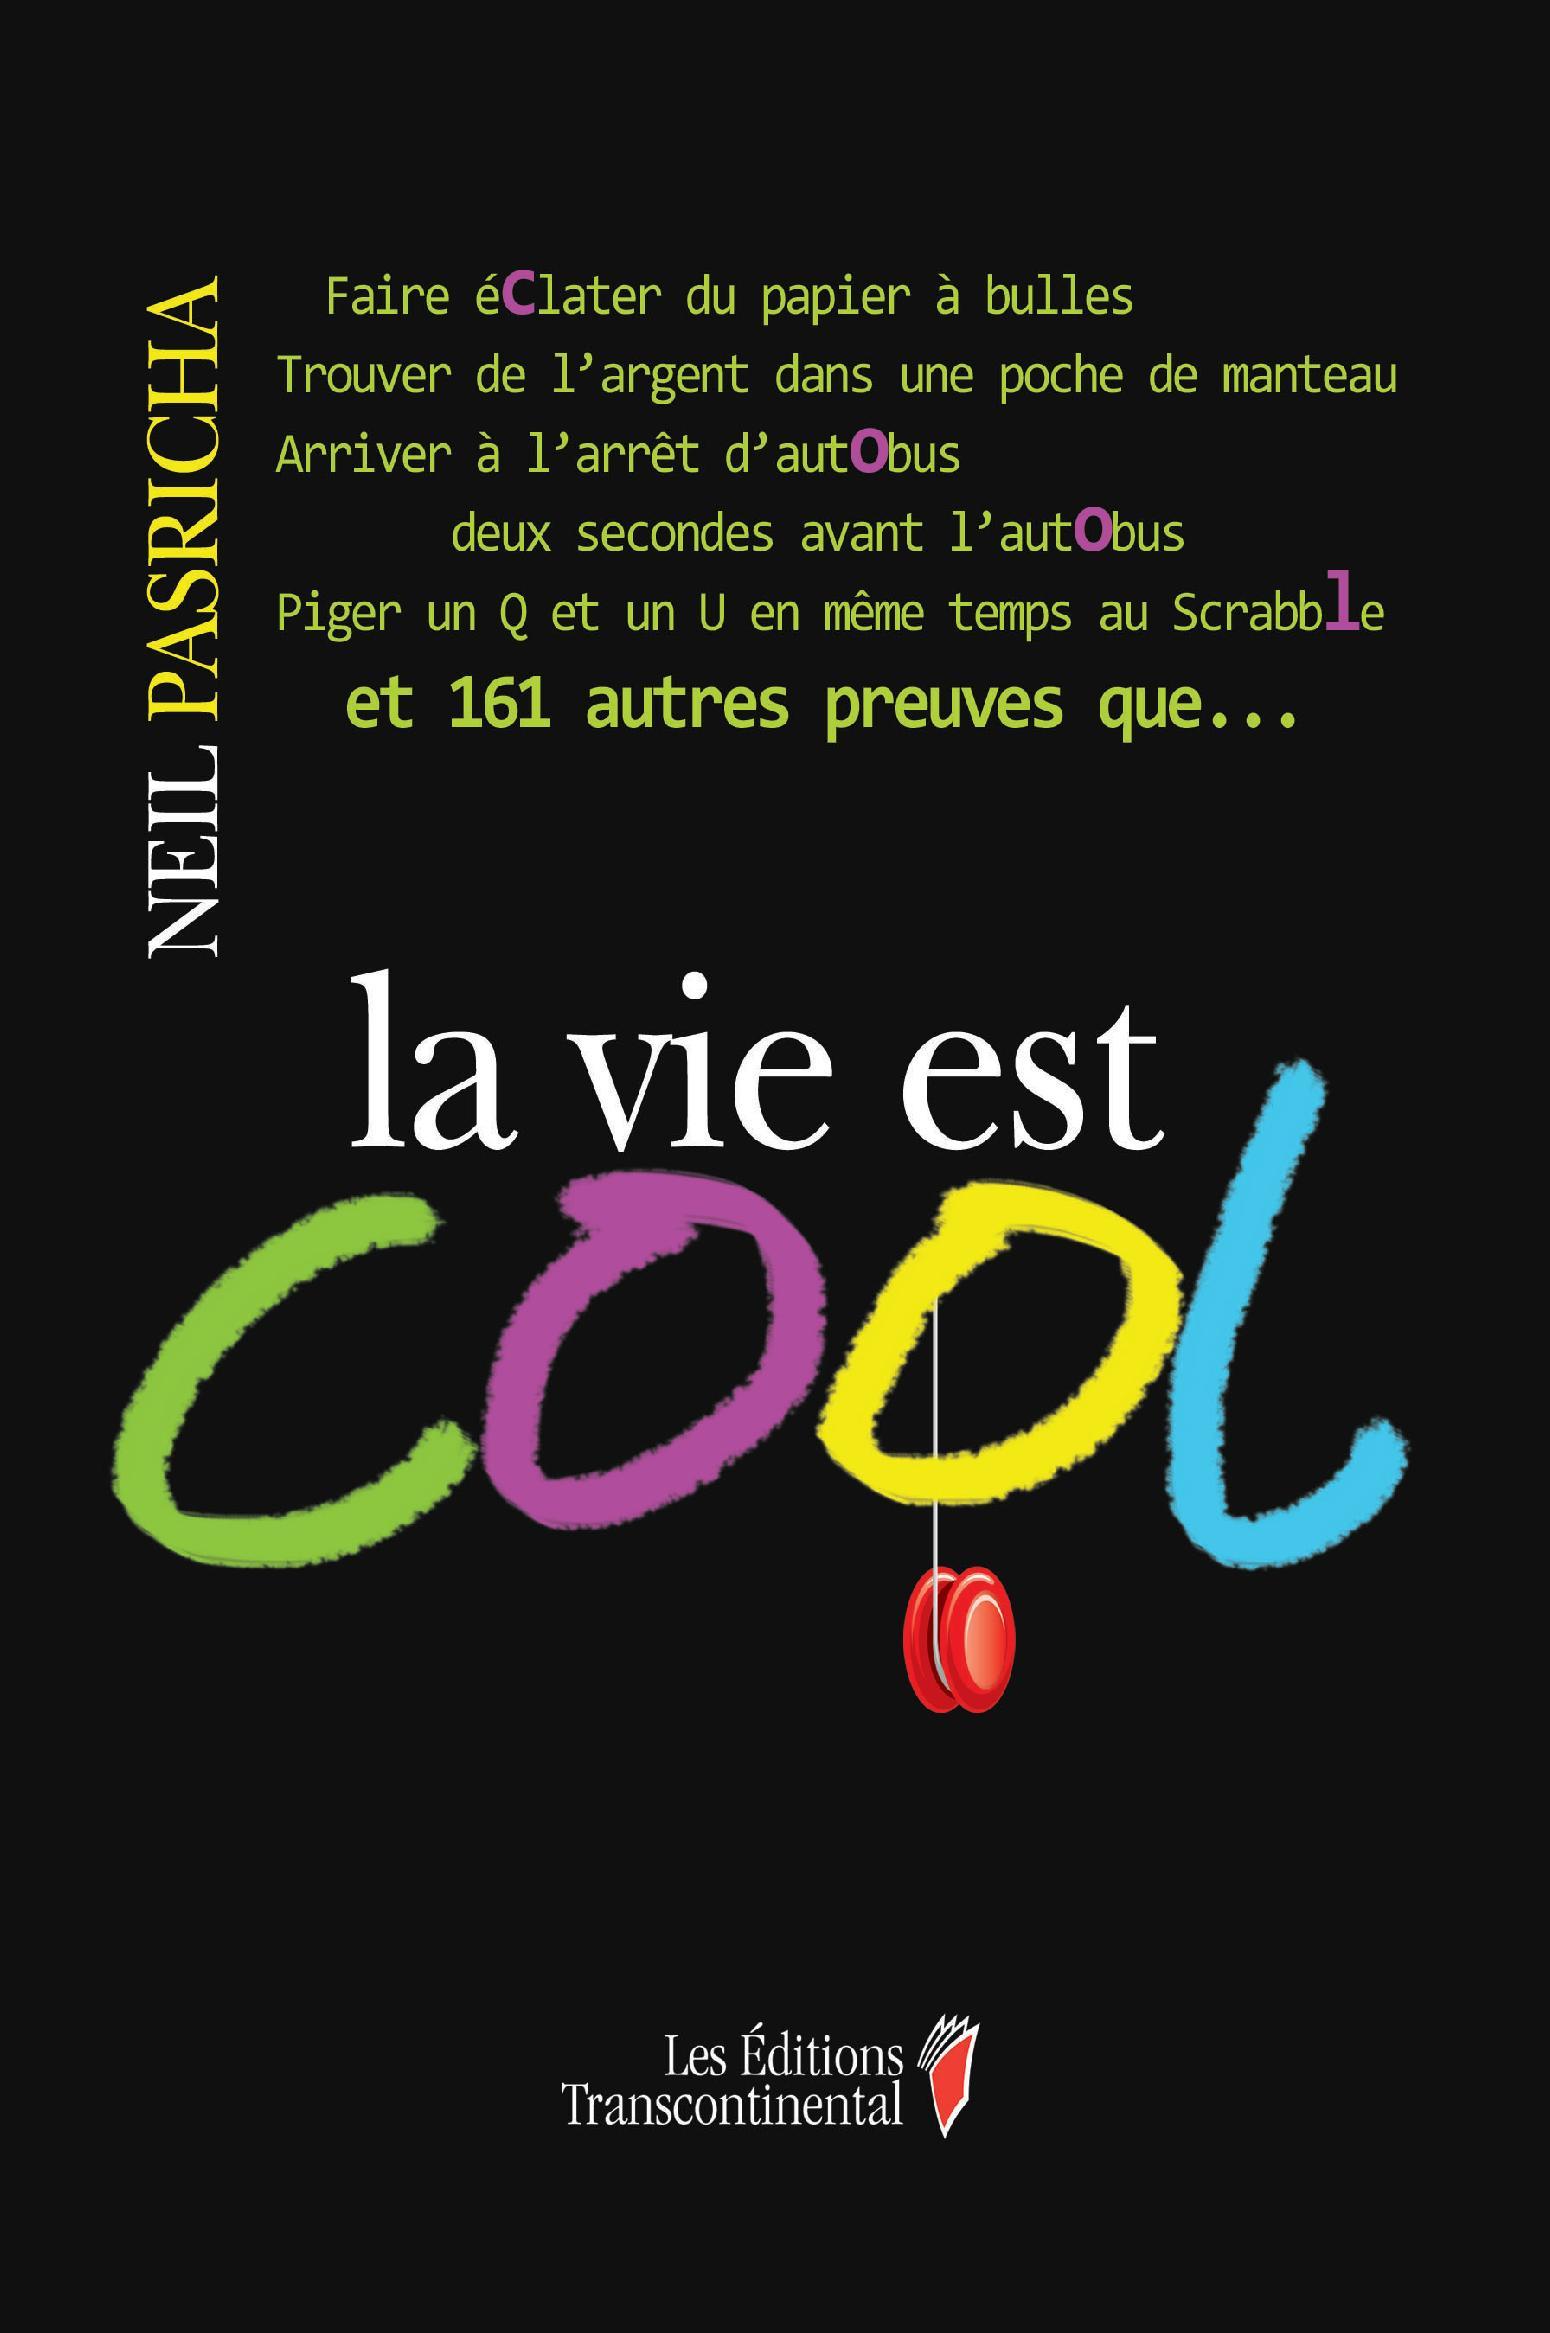 La vie est cool